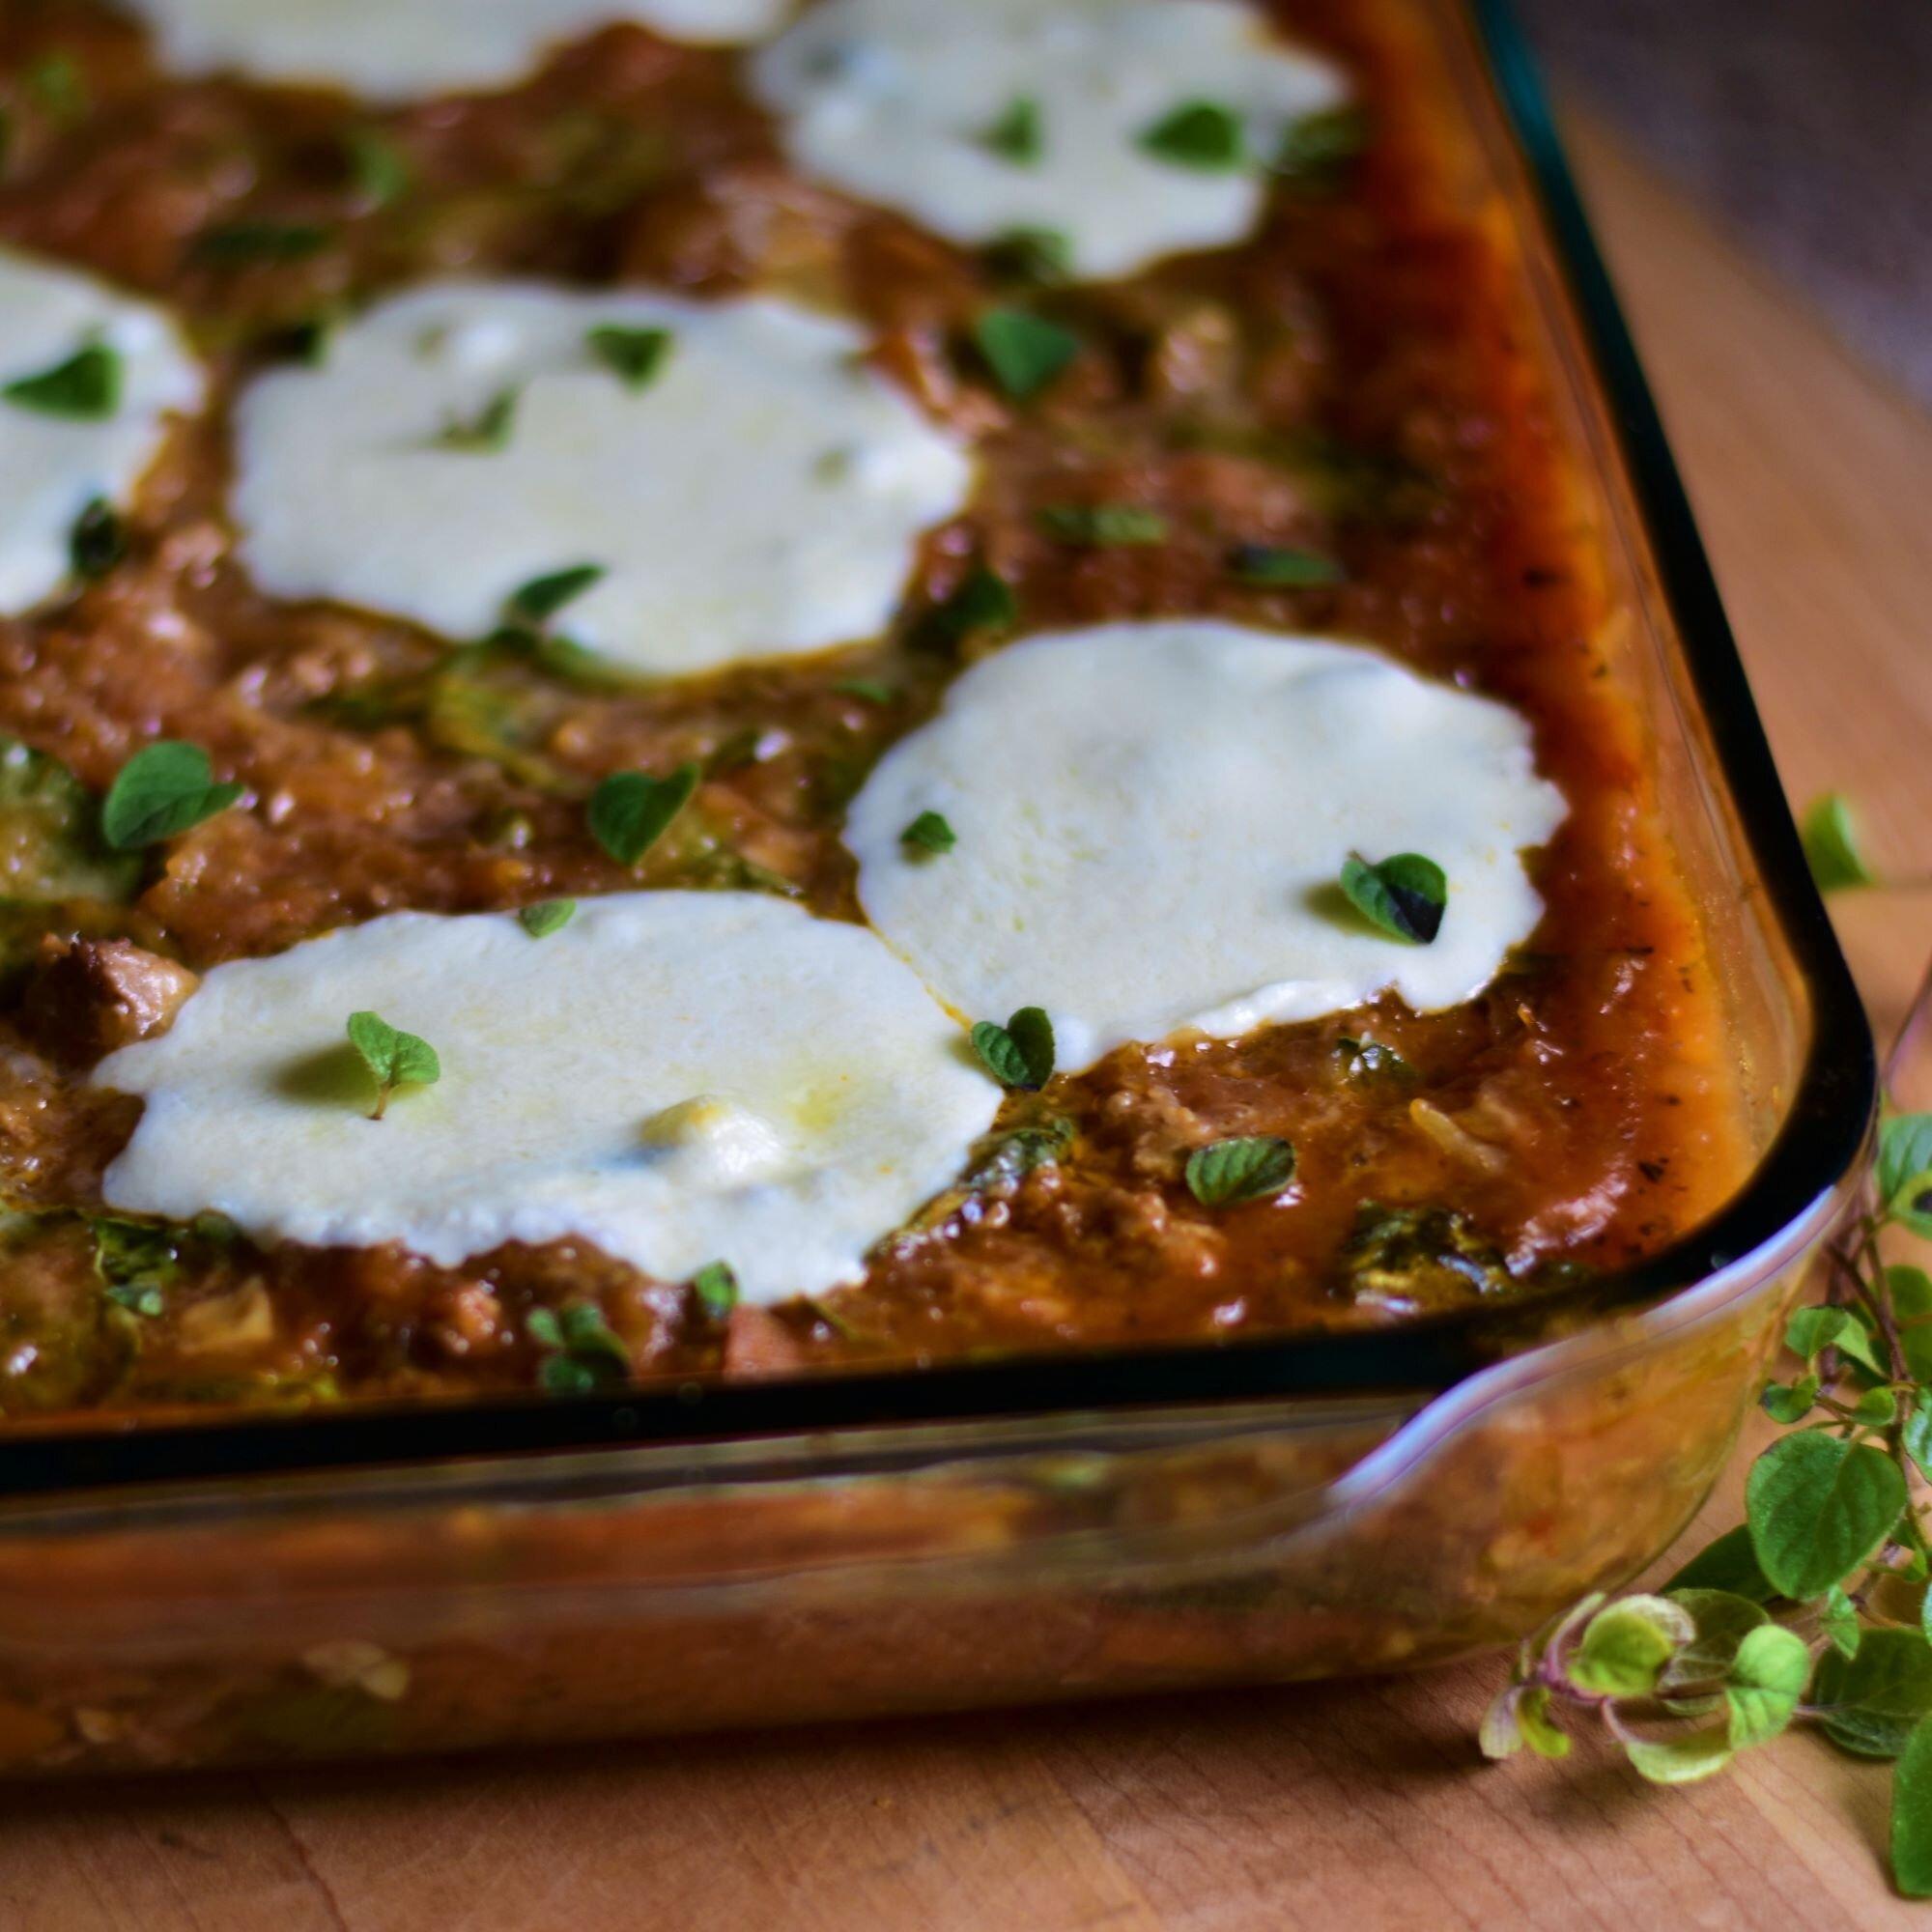 spaghetti squash casserole with chicken